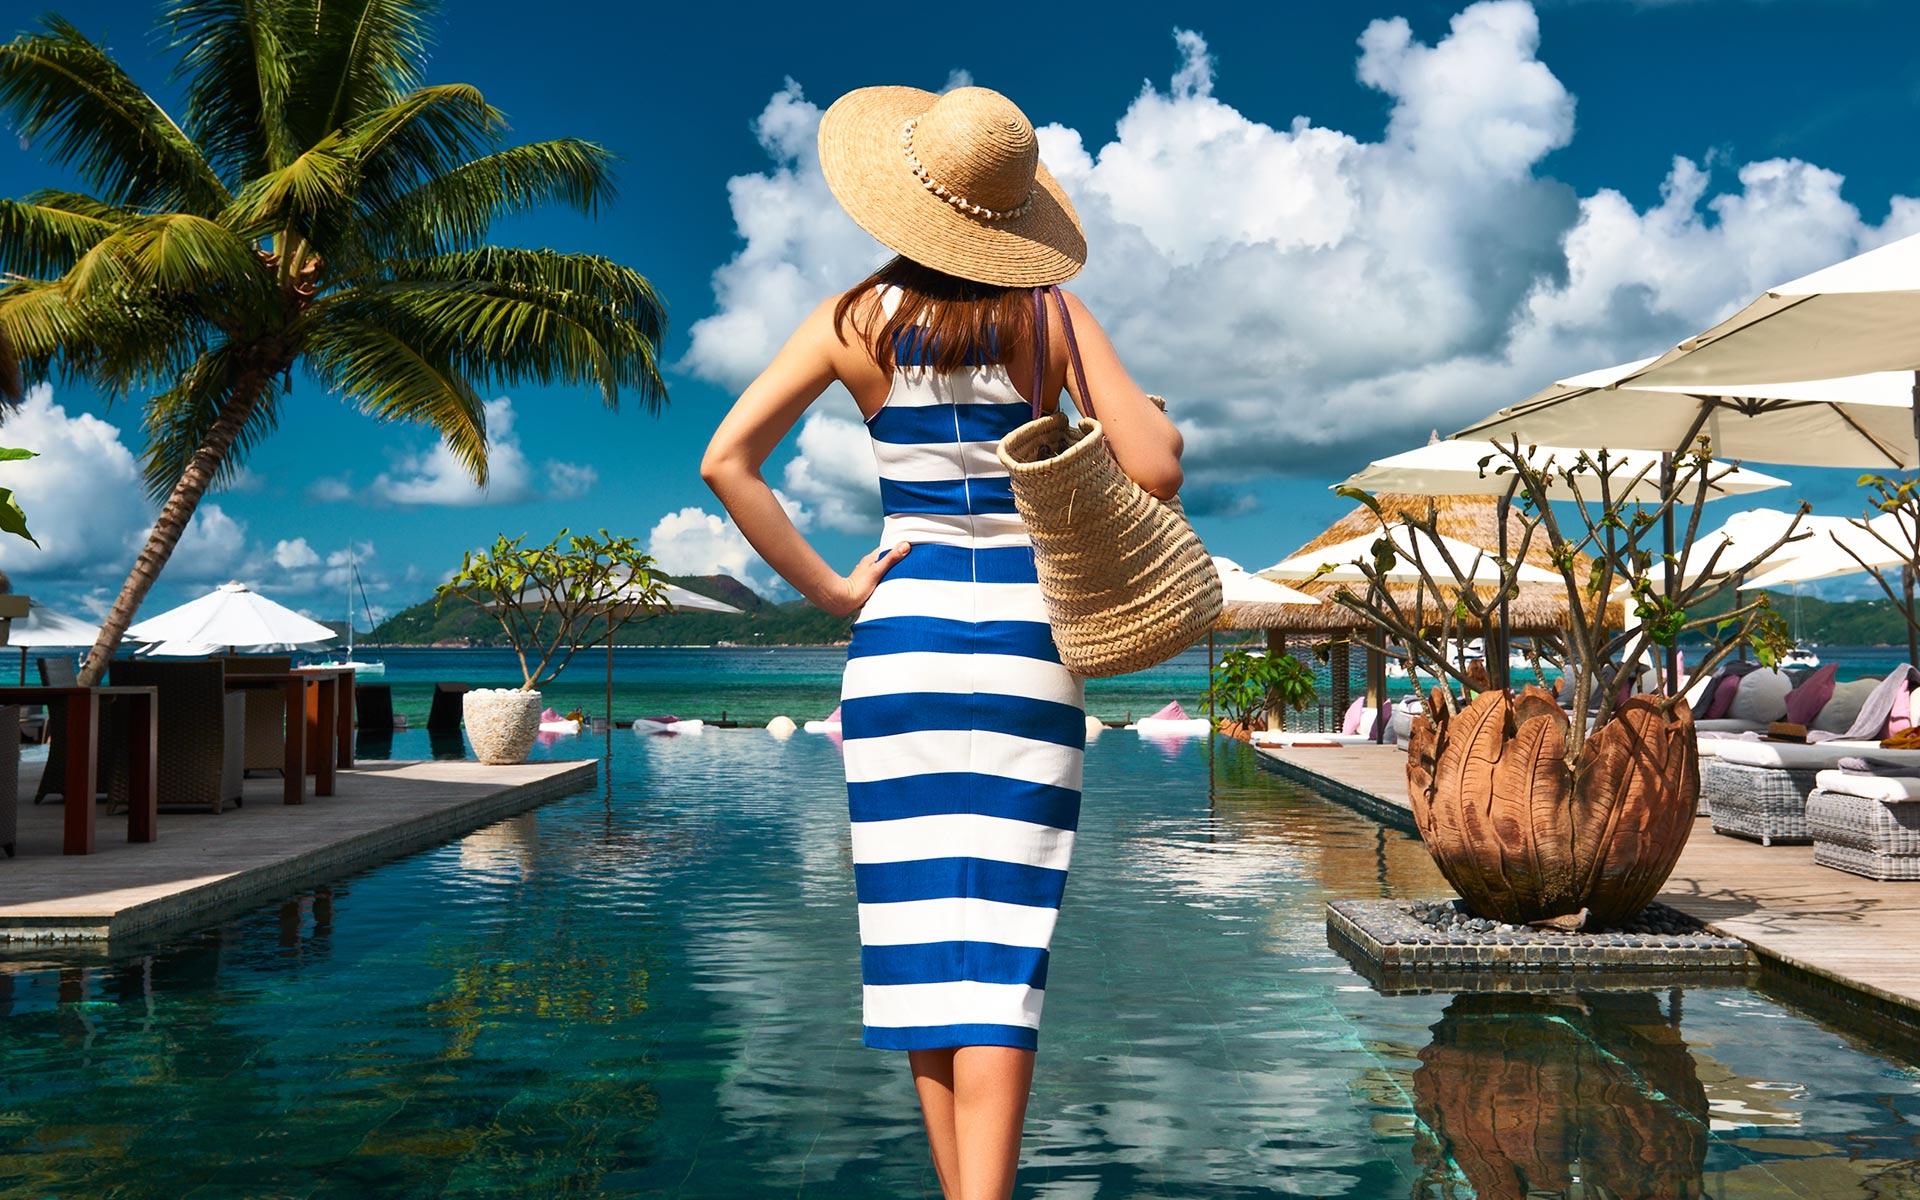 Bedste sommer destinationer i 2017